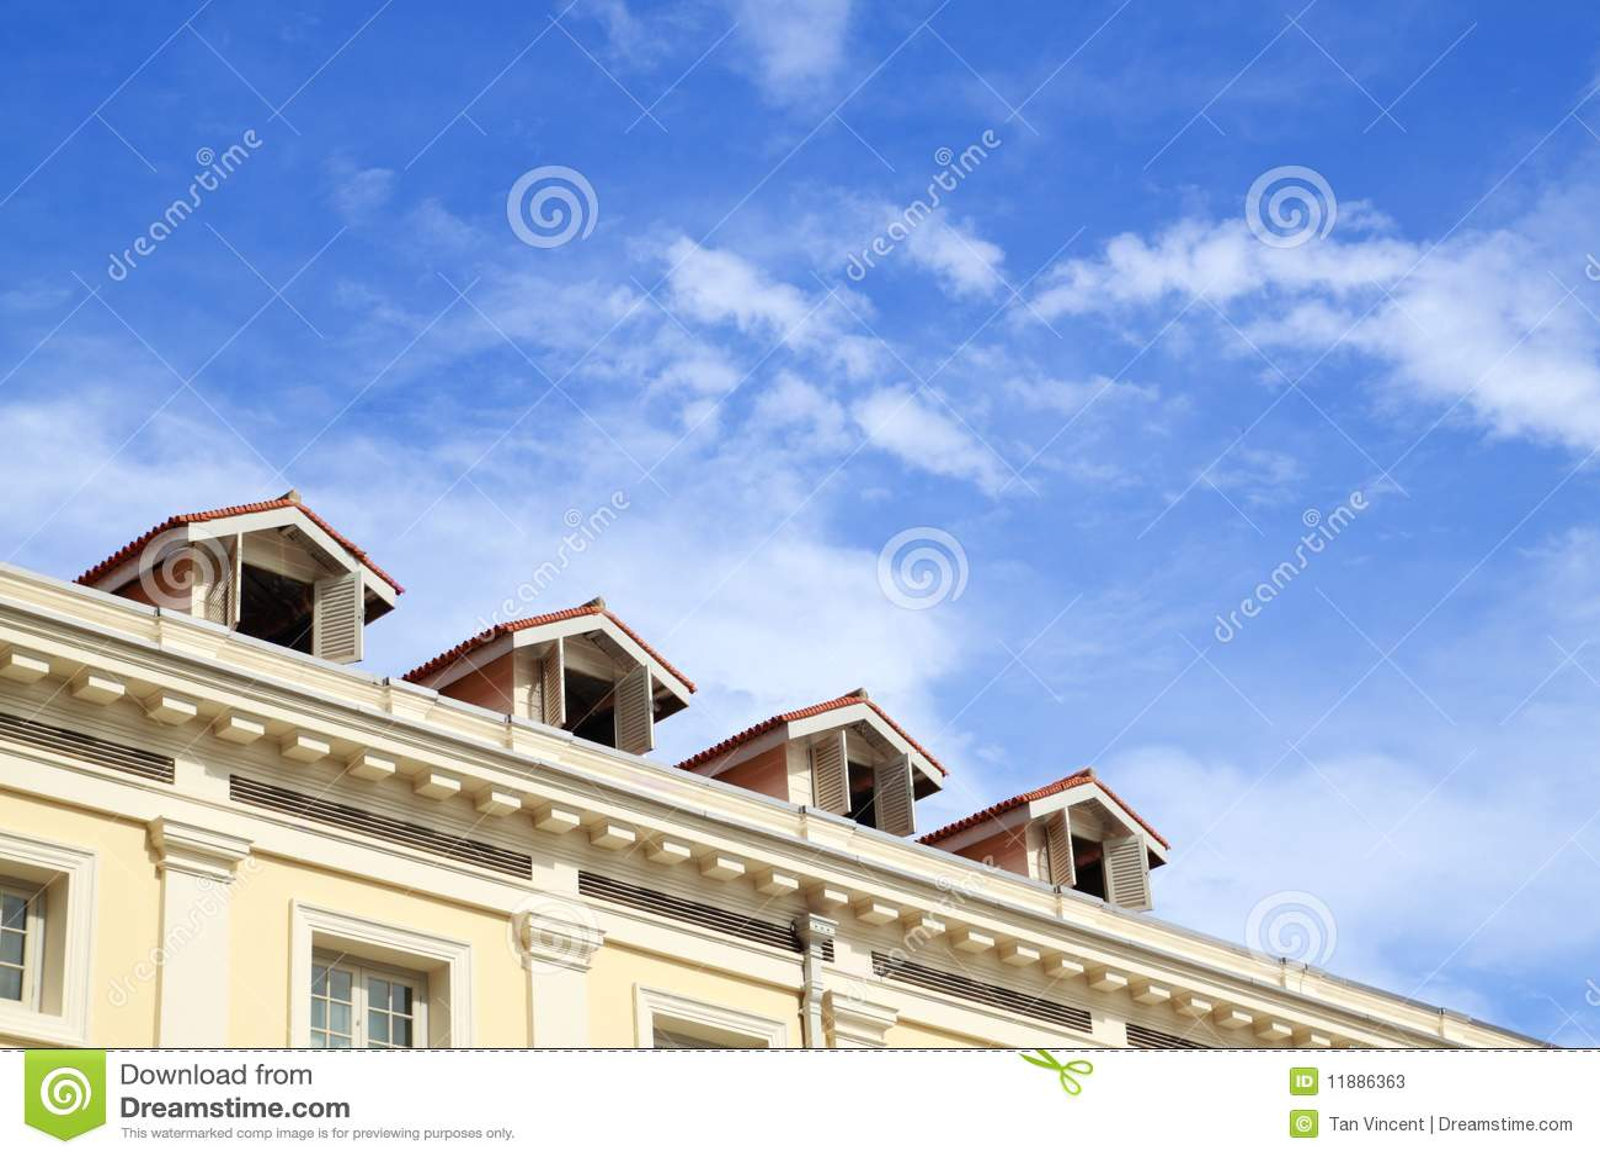 Tapa del hotel con el cielo azul